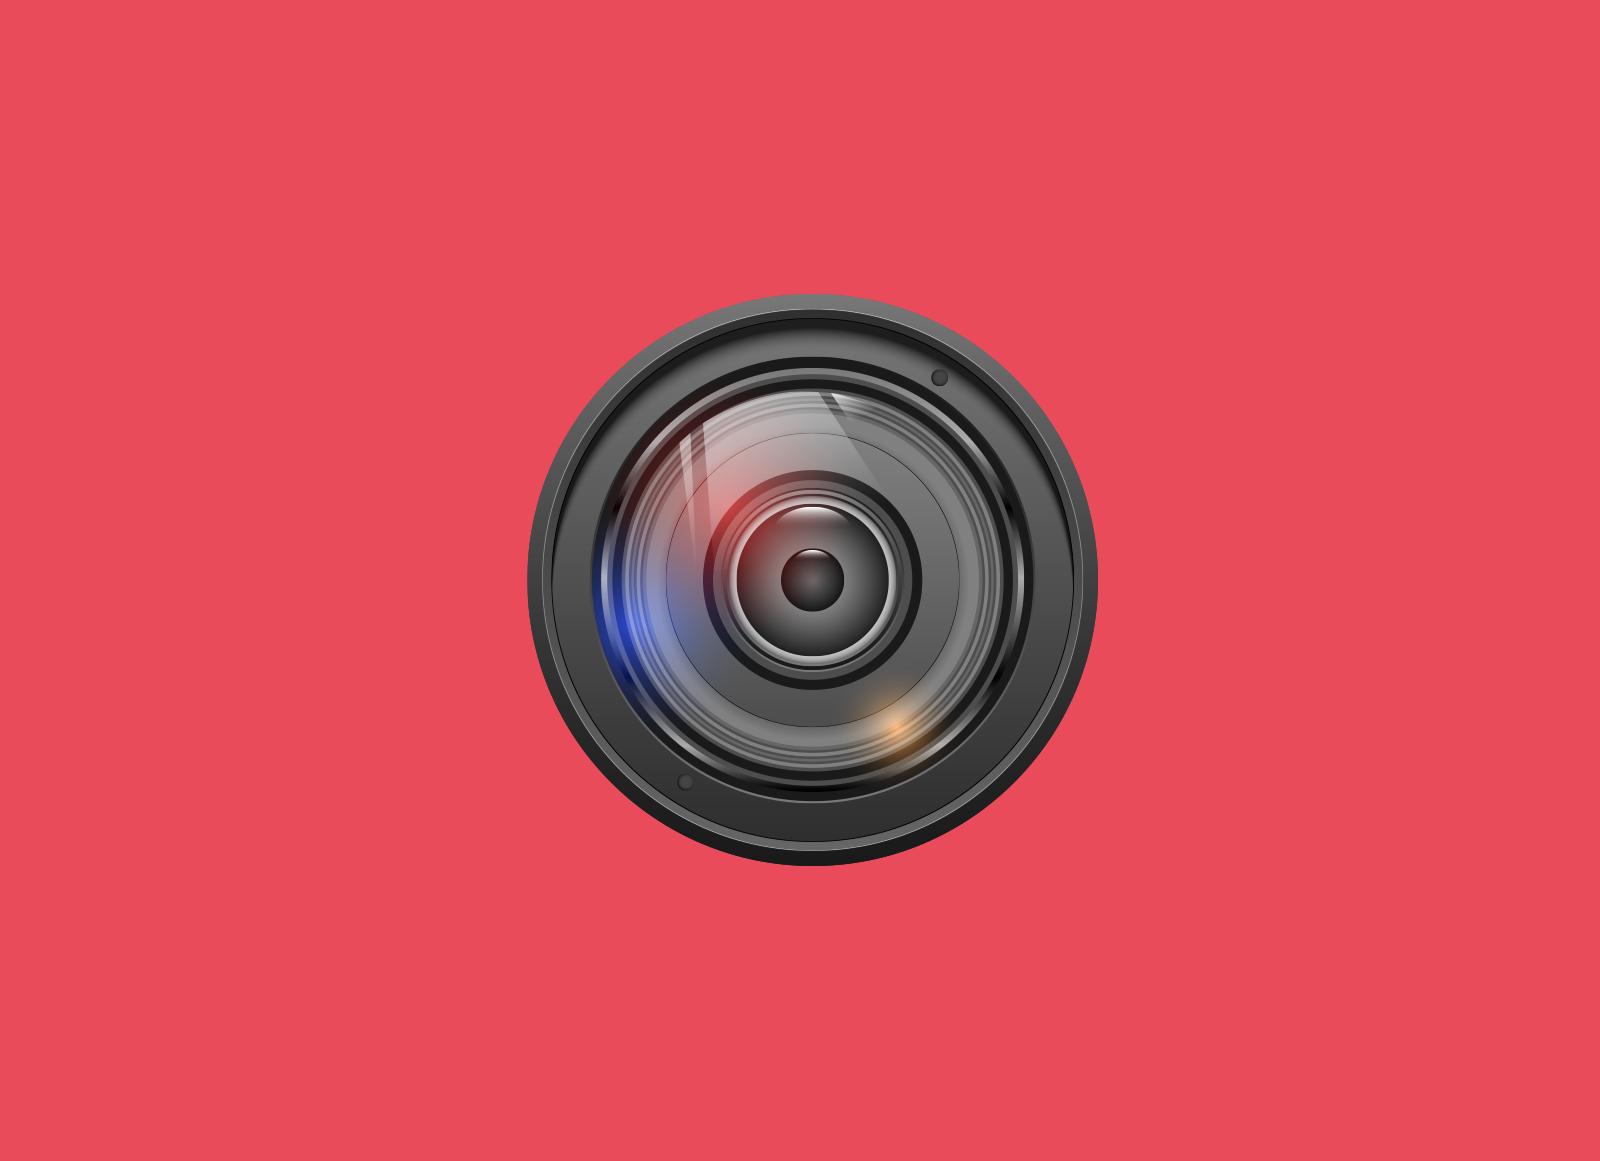 Illustrasjon av kameralinse på rød bakgrunn